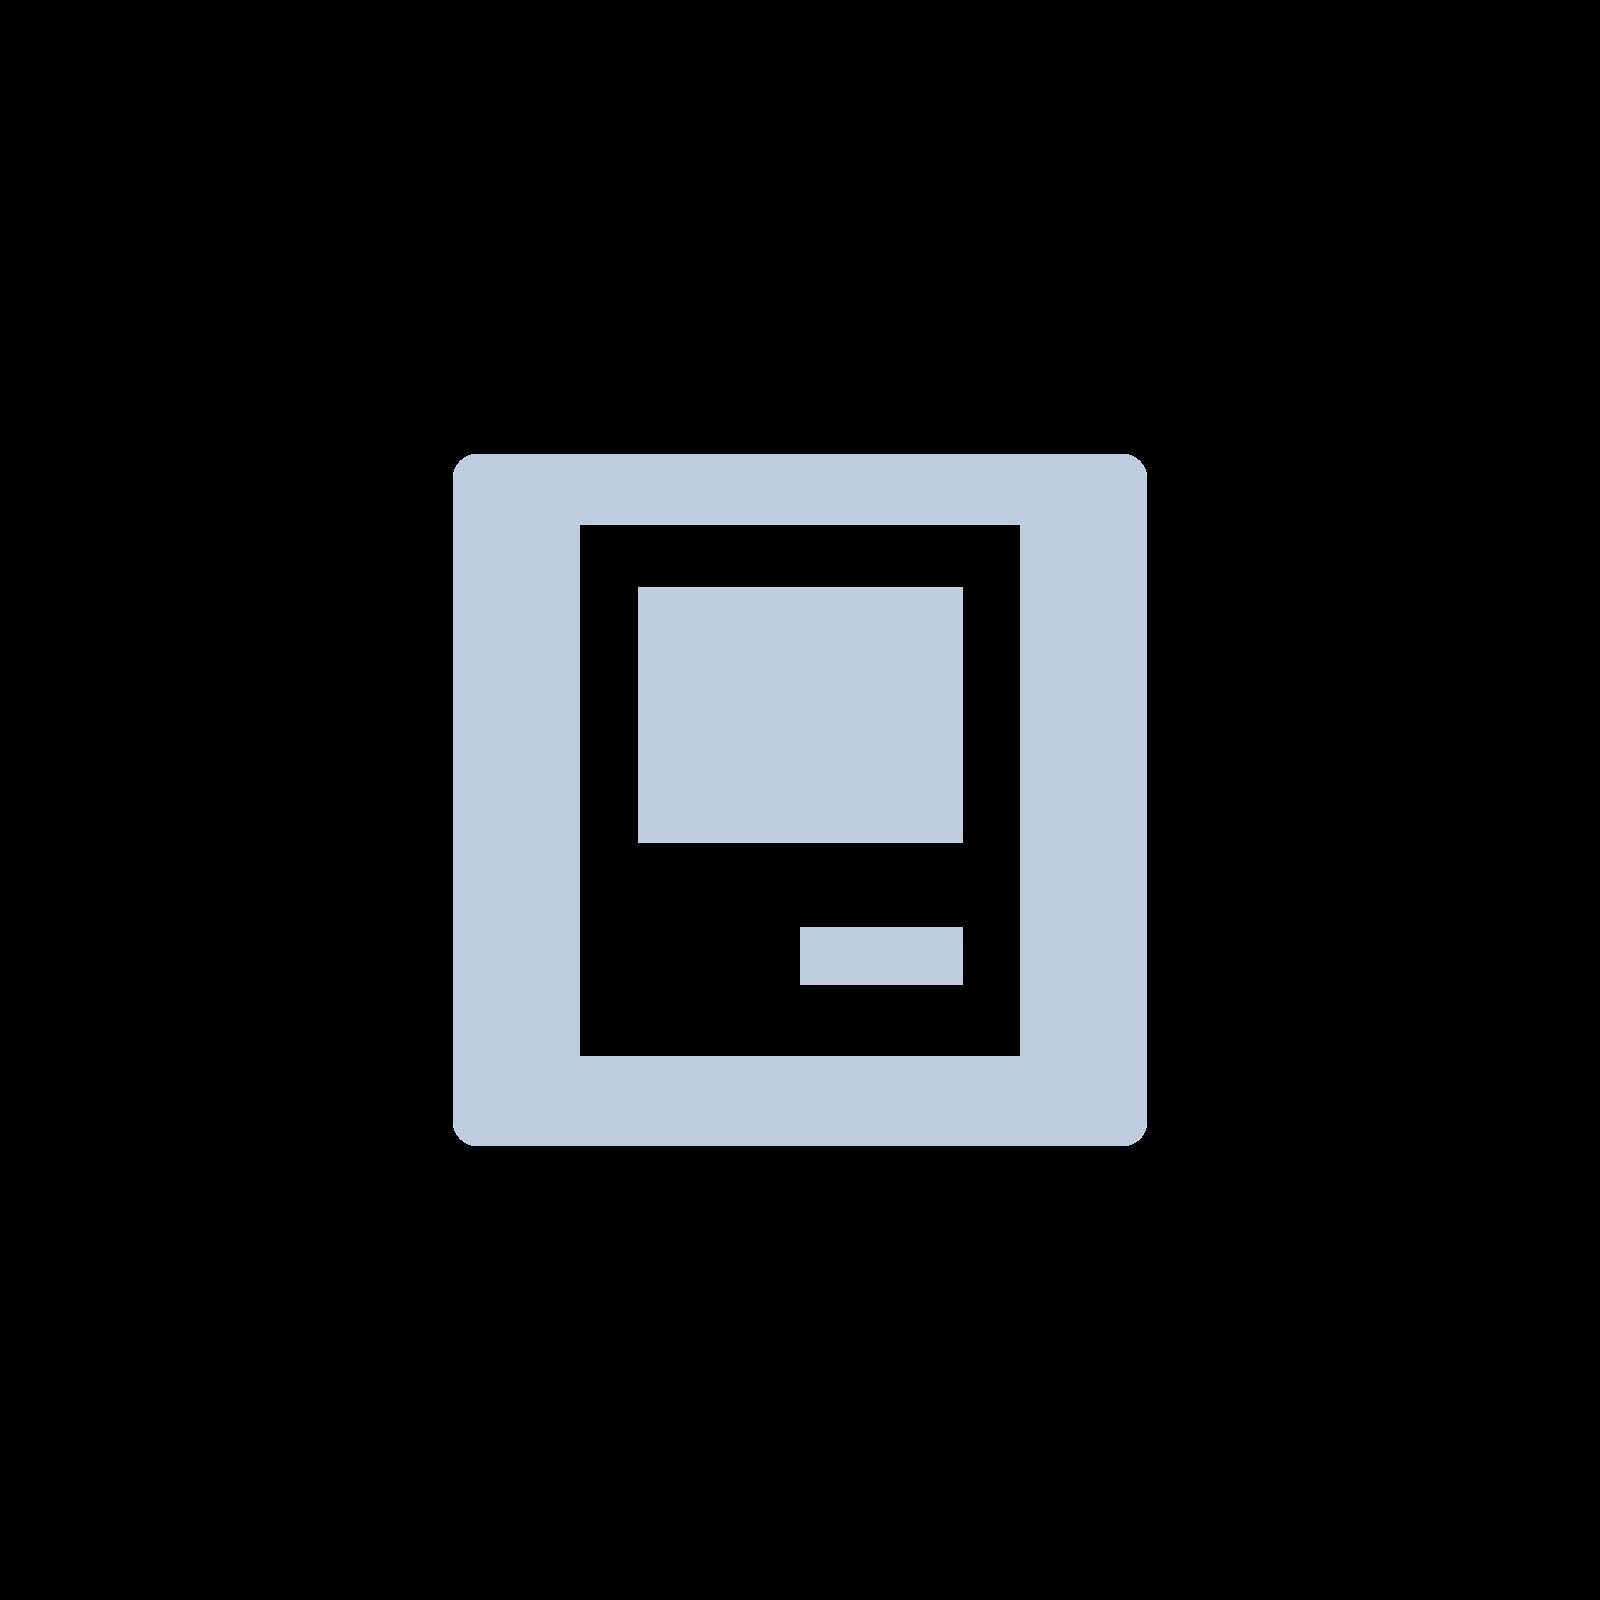 Mac mini Core i5 2.3GHz (MacMini5,1, 500GB, 2GB RAM)